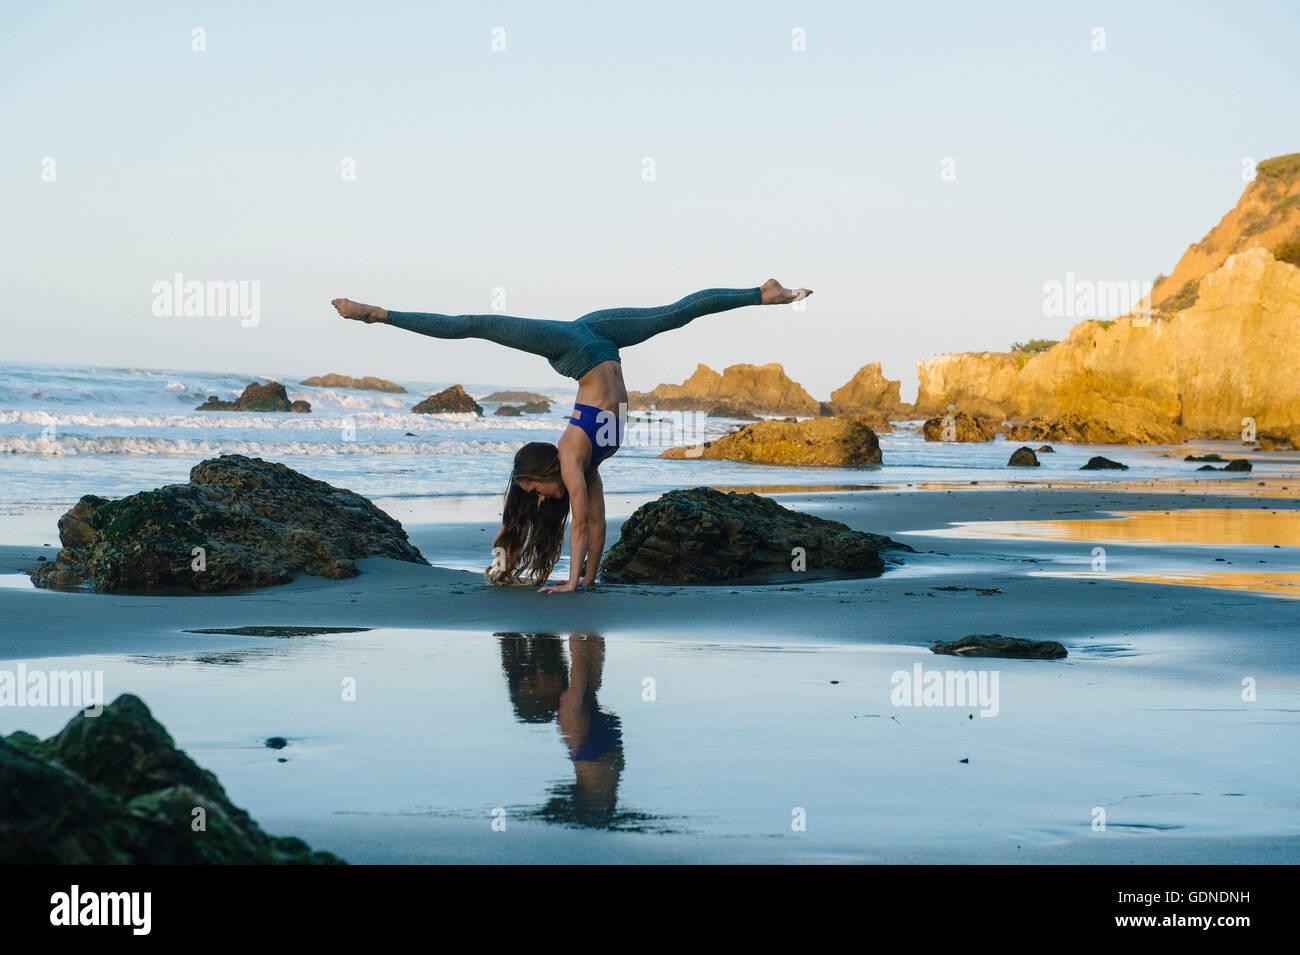 Joven bailarina preparada en pino en la playa, Los Ángeles, California, Estados Unidos. Imagen De Stock